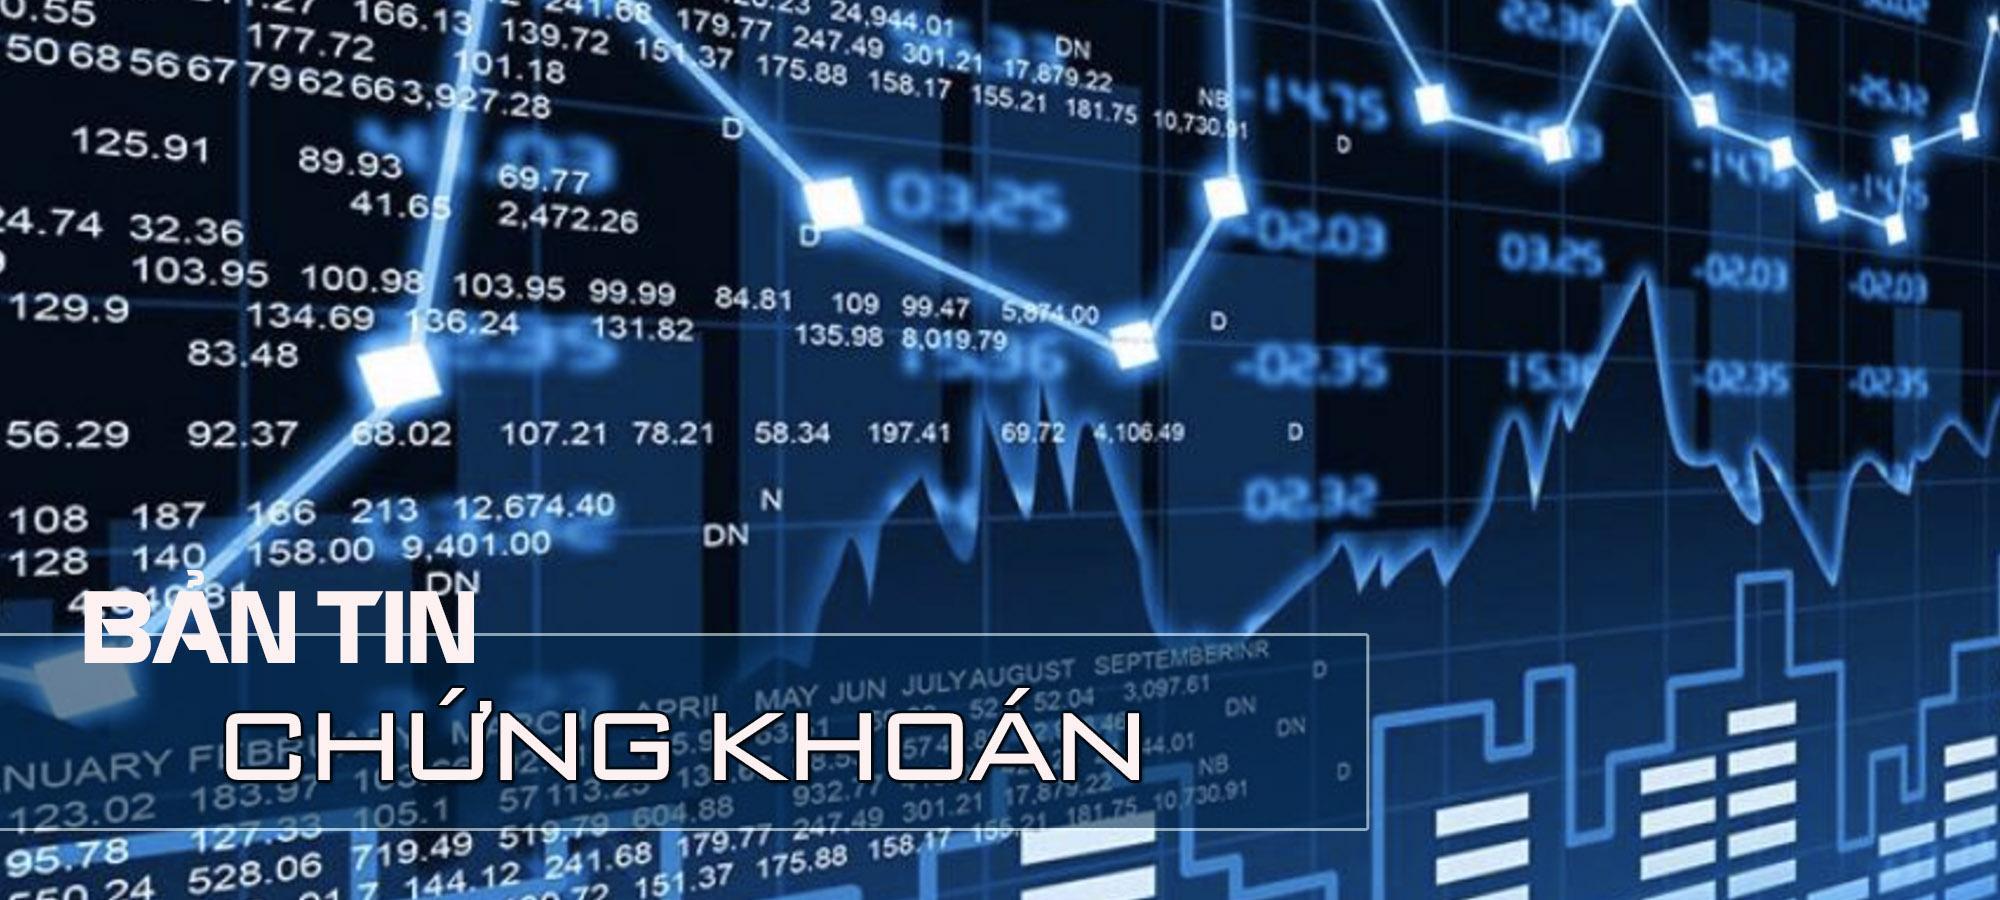 Chứng khoán ngày 22/9: Bớt lo vụ Evergrande, cổ phiếu tăng điểm trở lại